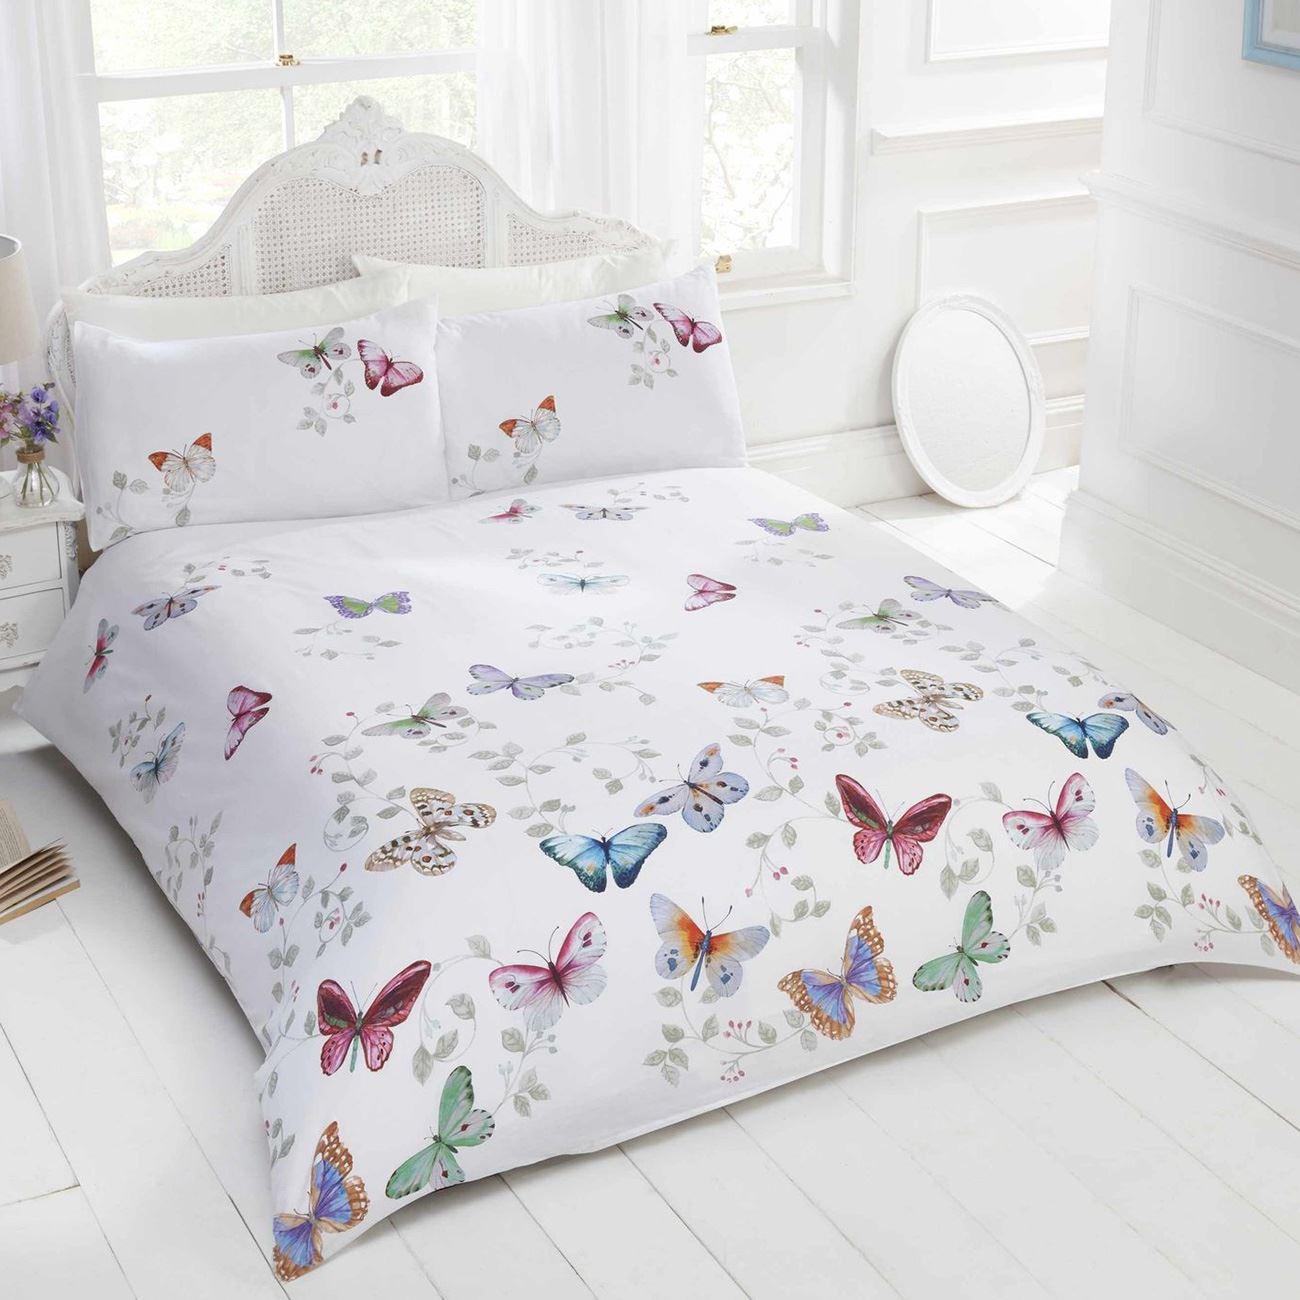 mariposa schmetterling bettbezug set m dchen erwachsene einzeln doppel ebay. Black Bedroom Furniture Sets. Home Design Ideas